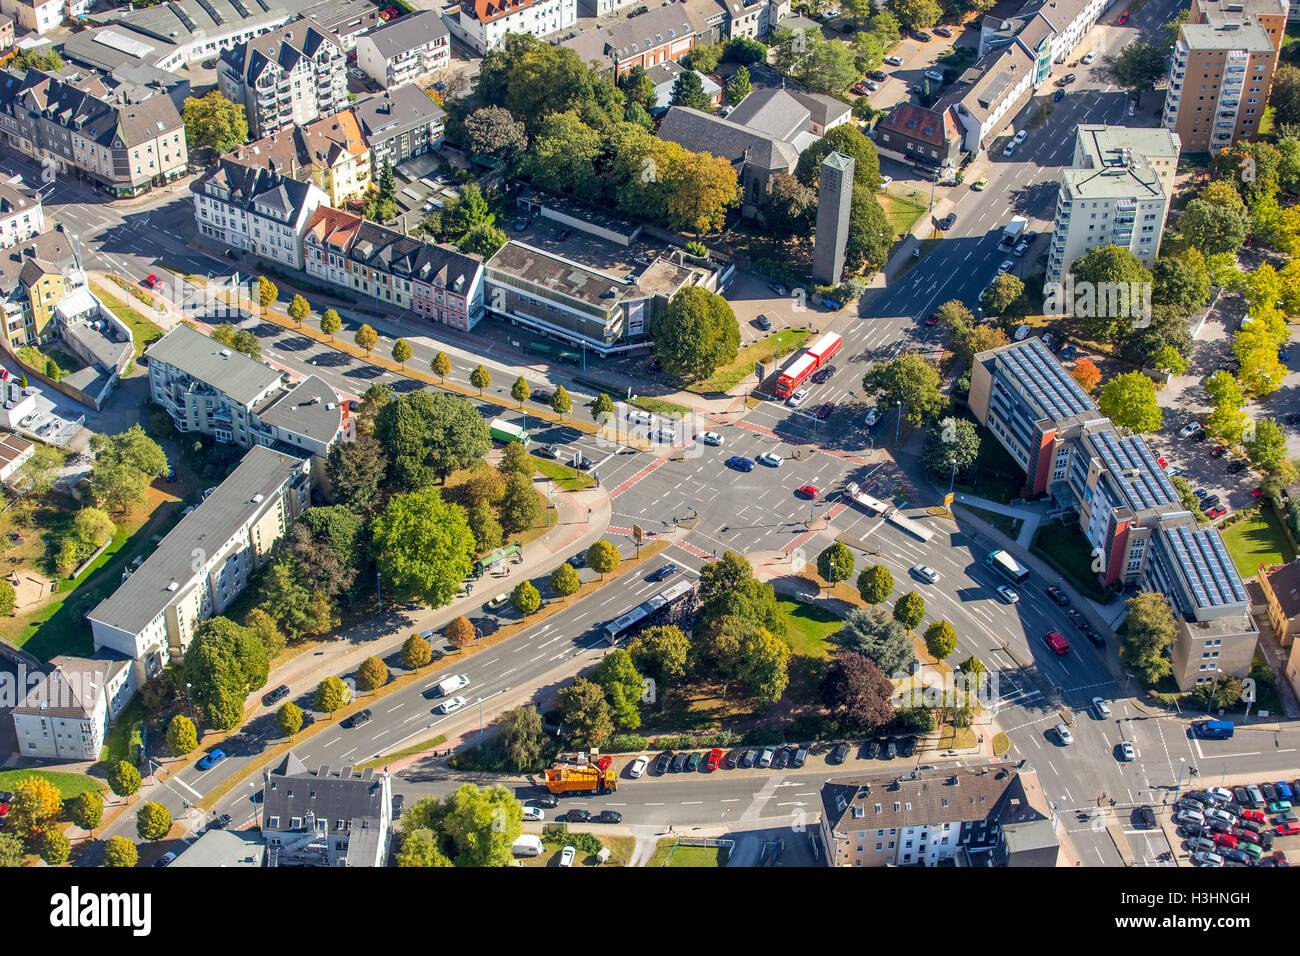 Vue aérienne, Carrefour, Rheinlandstraße Berliner Straße, Downtown Crossing, Velbert, ,, Ruhr, Rhénanie Photo Stock